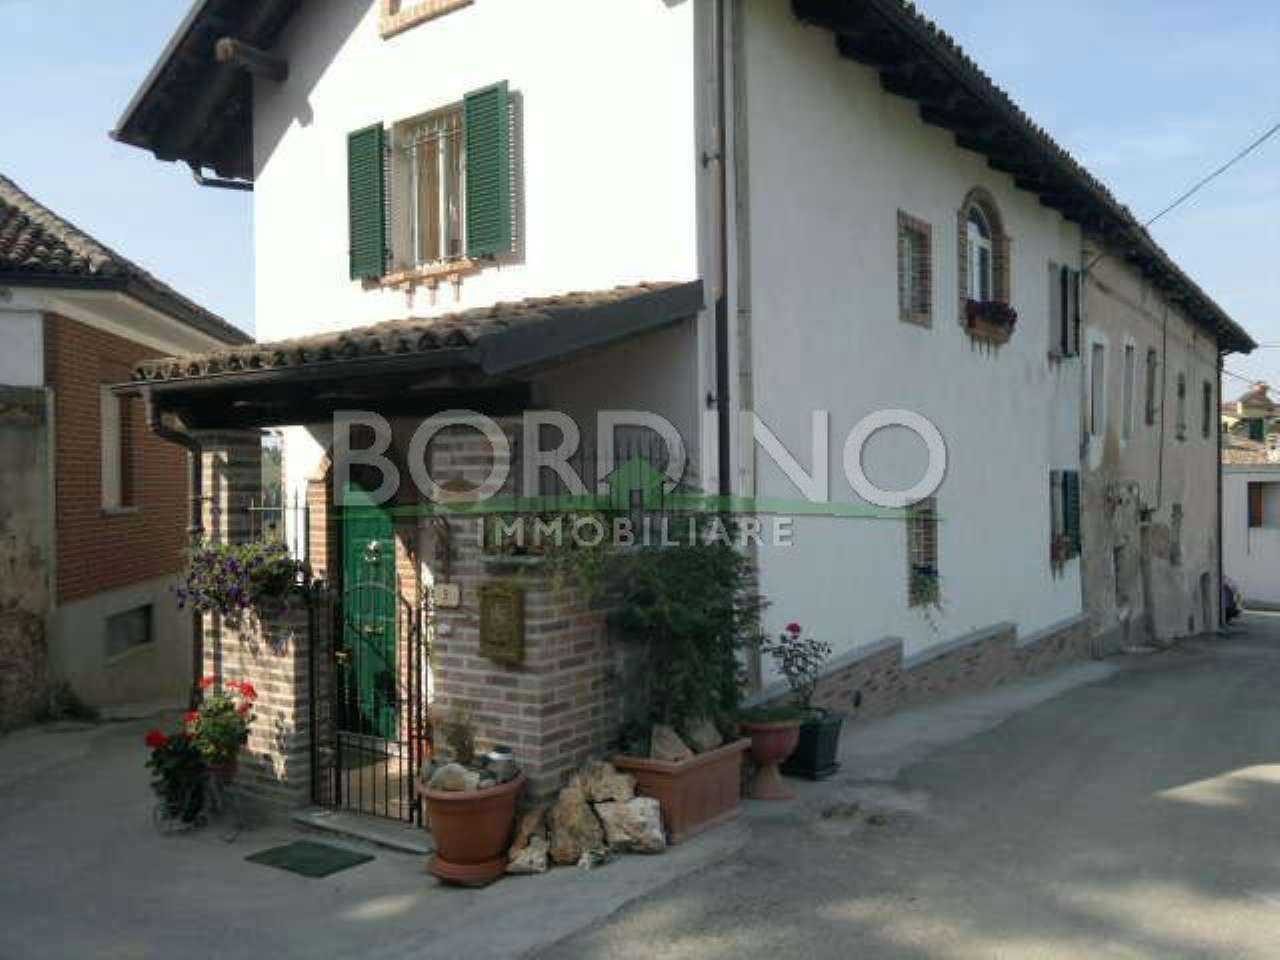 Soluzione Indipendente in vendita a Barbaresco, 4 locali, prezzo € 250.000 | Cambio Casa.it